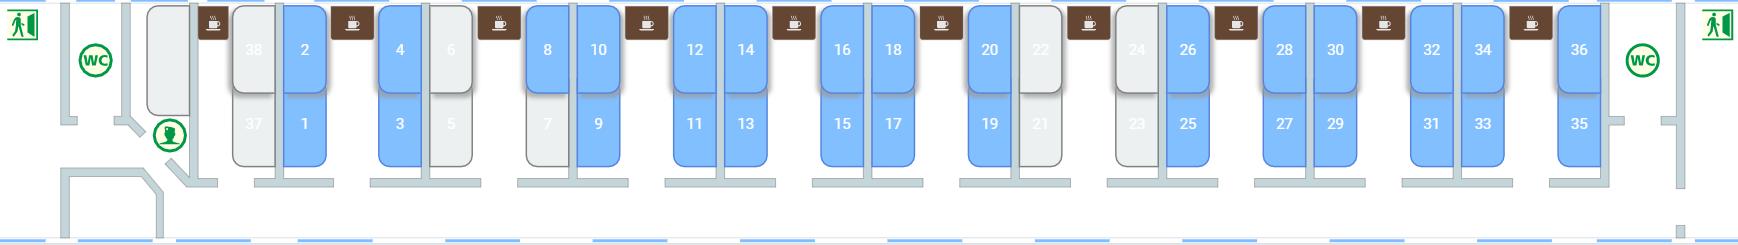 シベリア鉄道2等車の座席図